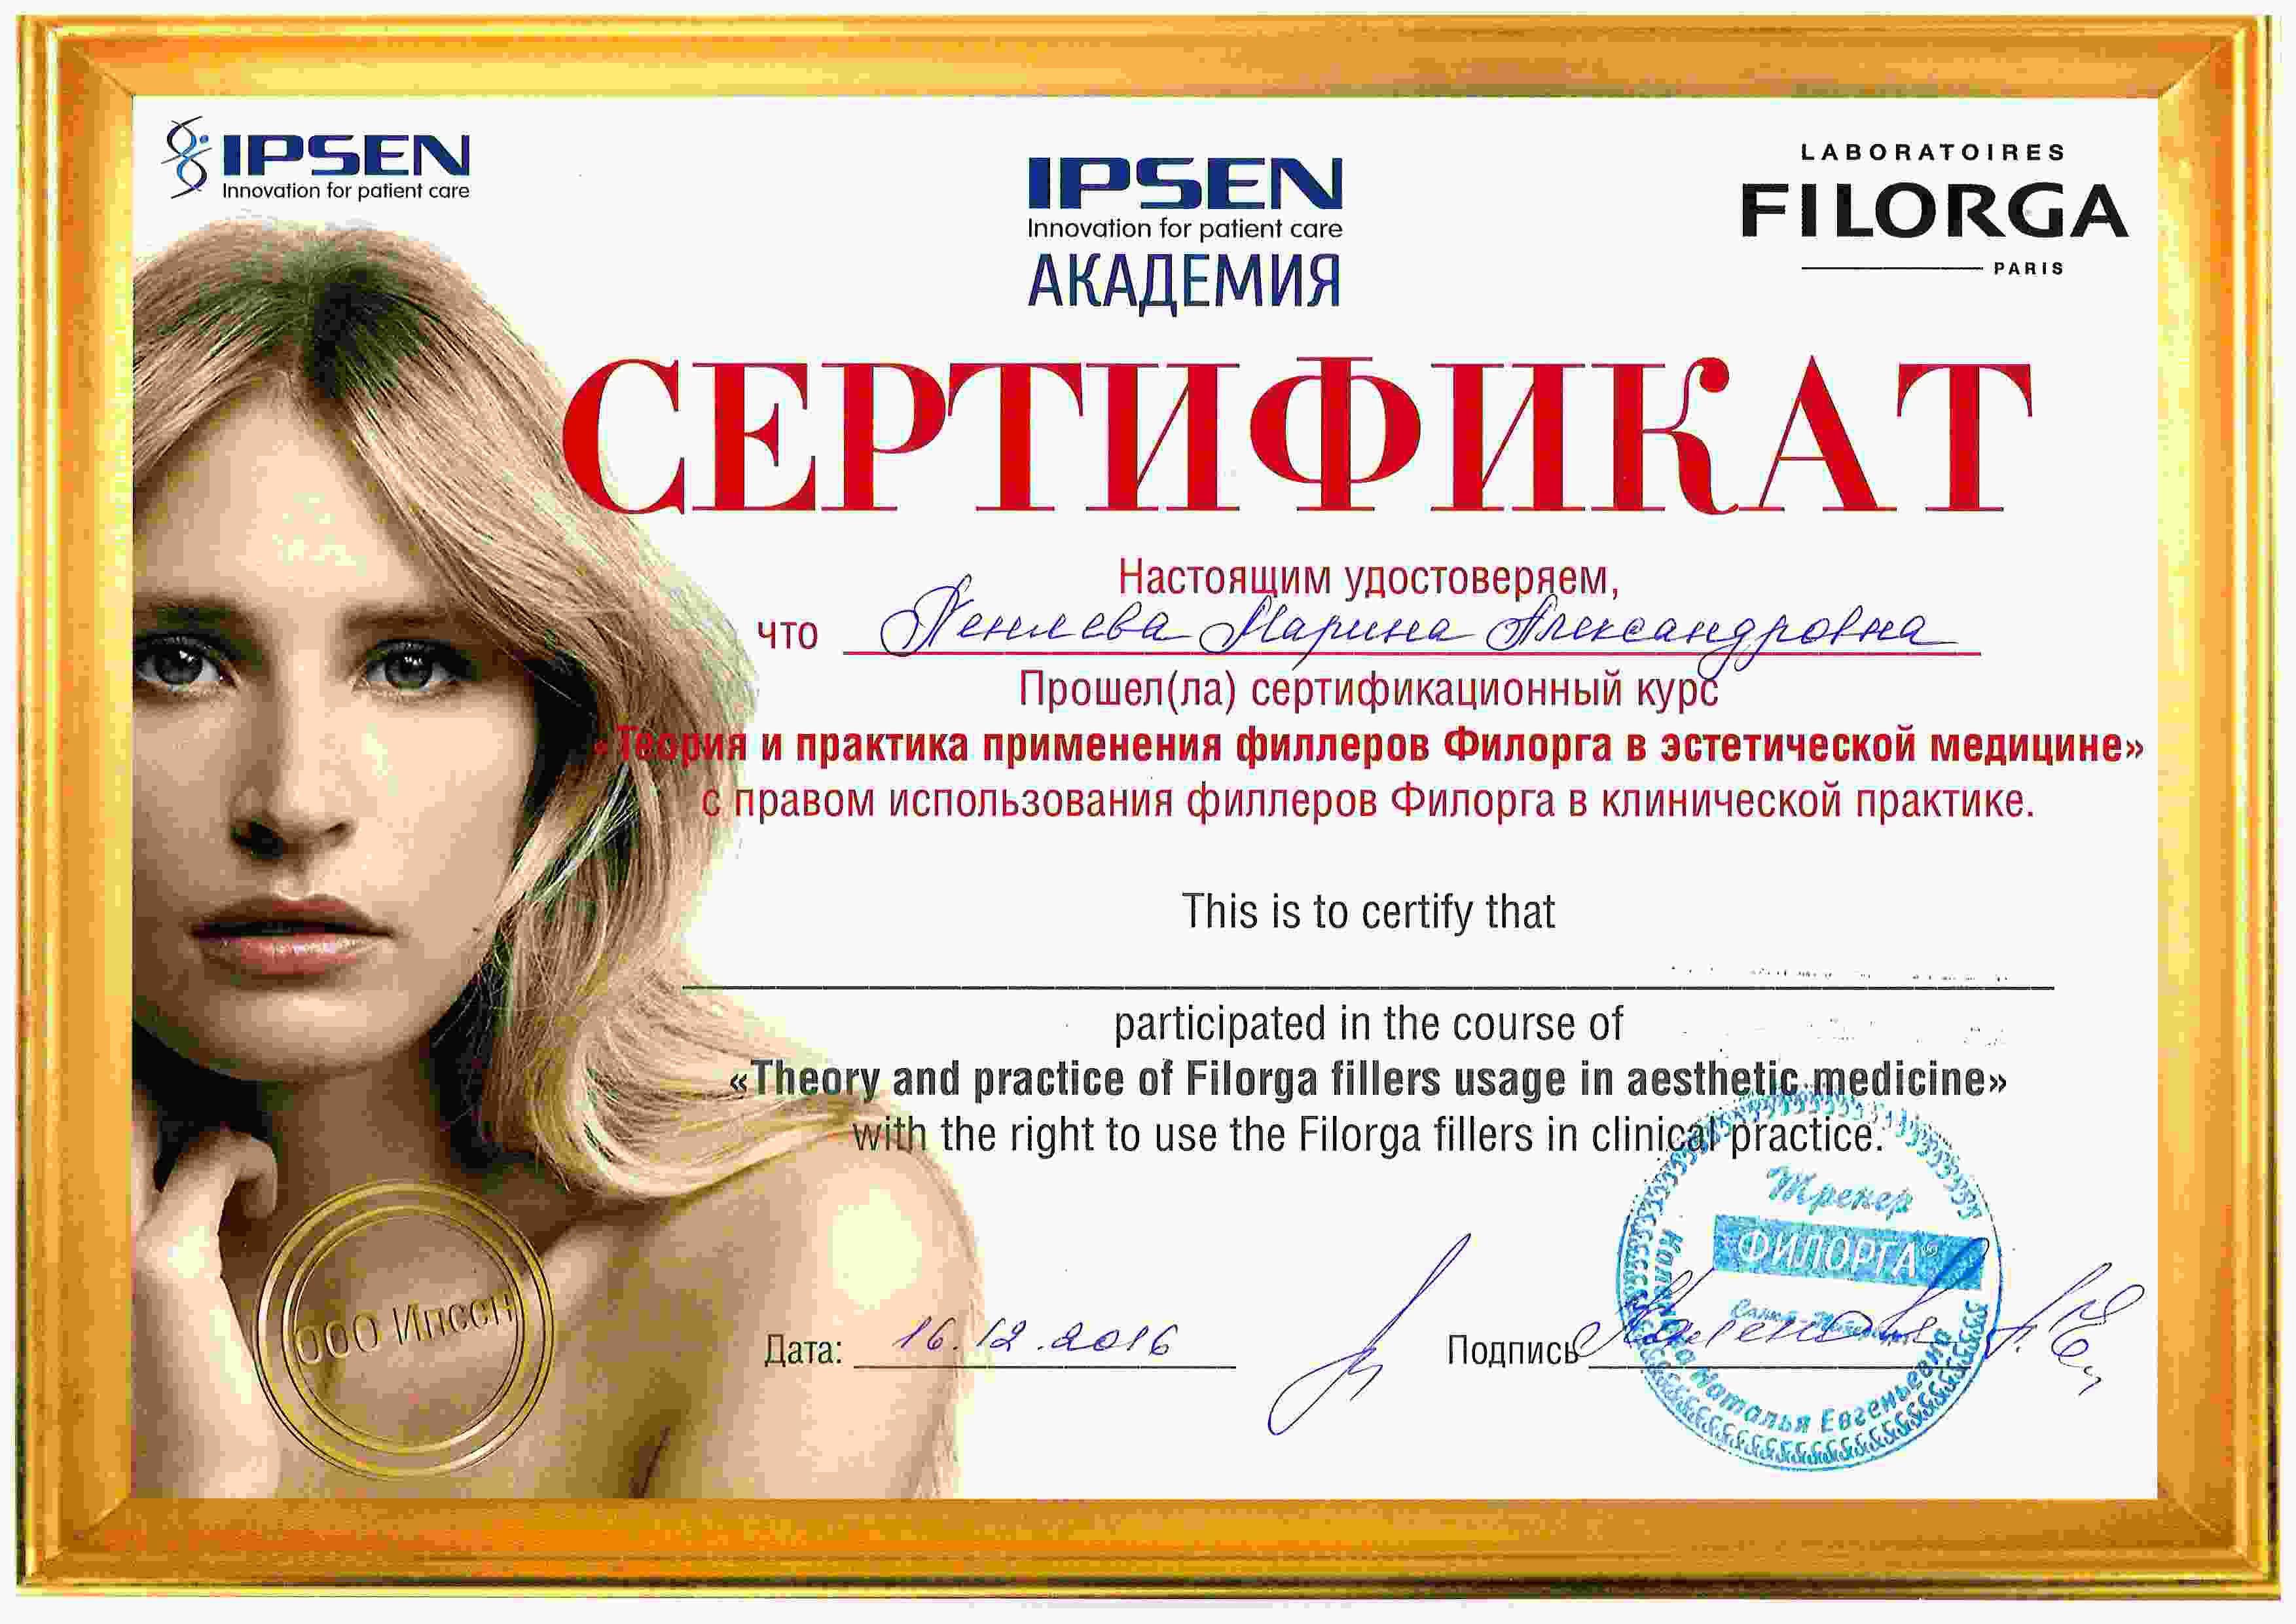 Сертификат — Применение филлеров Филорга. Пеняева Марина Александровна